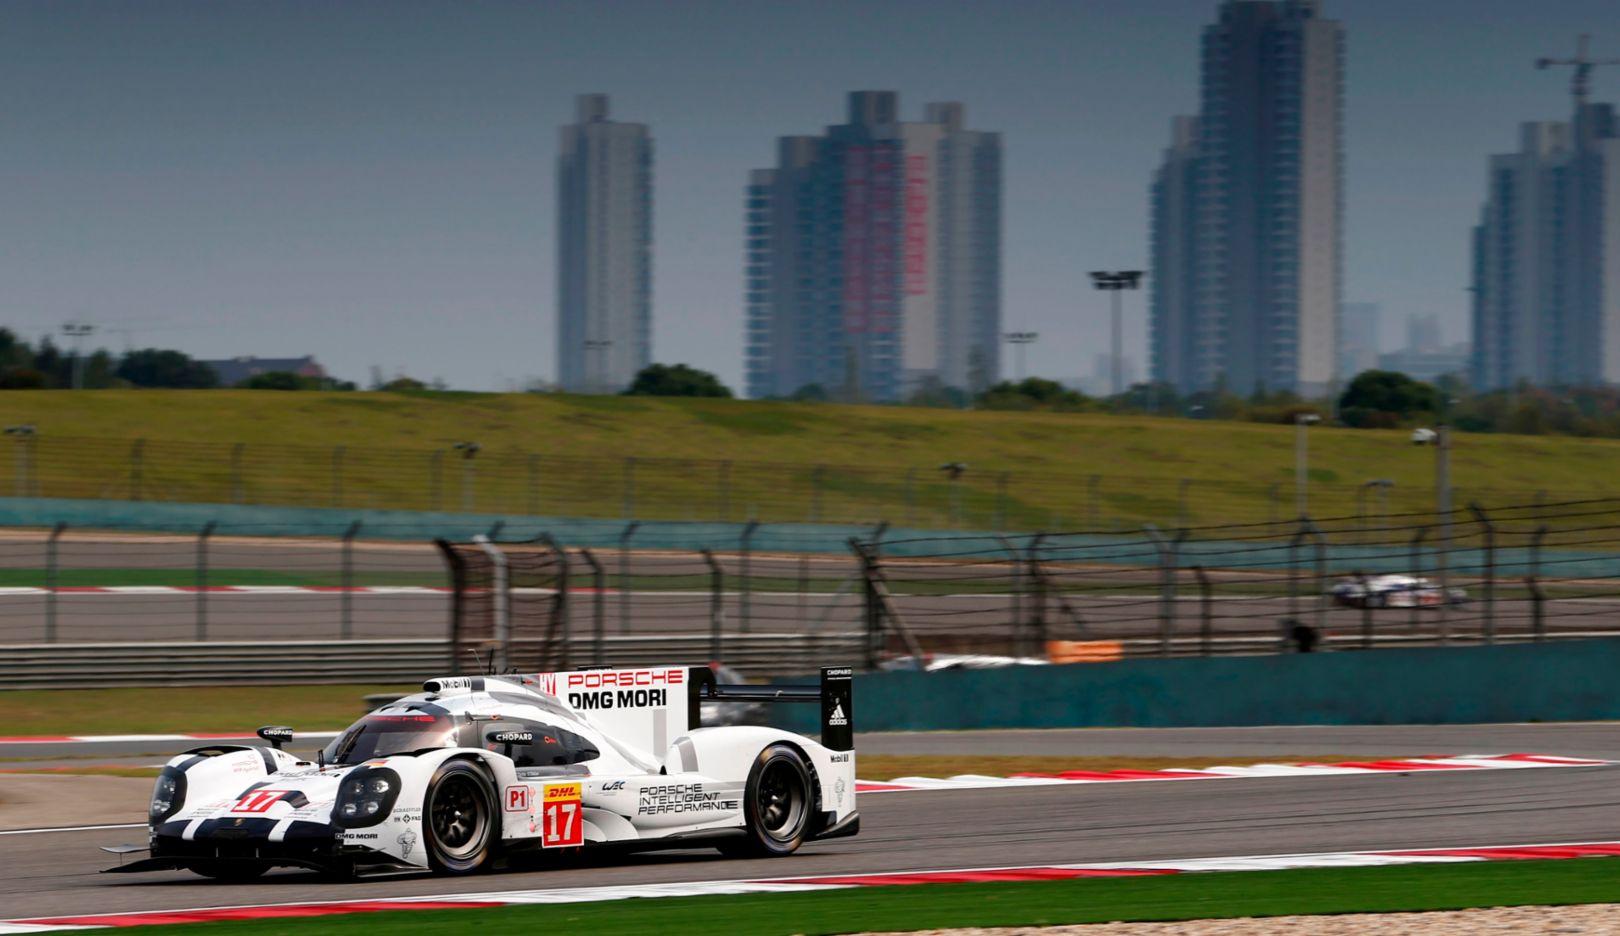 Porsche 919 Hybrid, Porsche Team: Timo Bernhard, Brendon Hartley, Mark Webber, WEC Shanghai 2015, Porsche AG